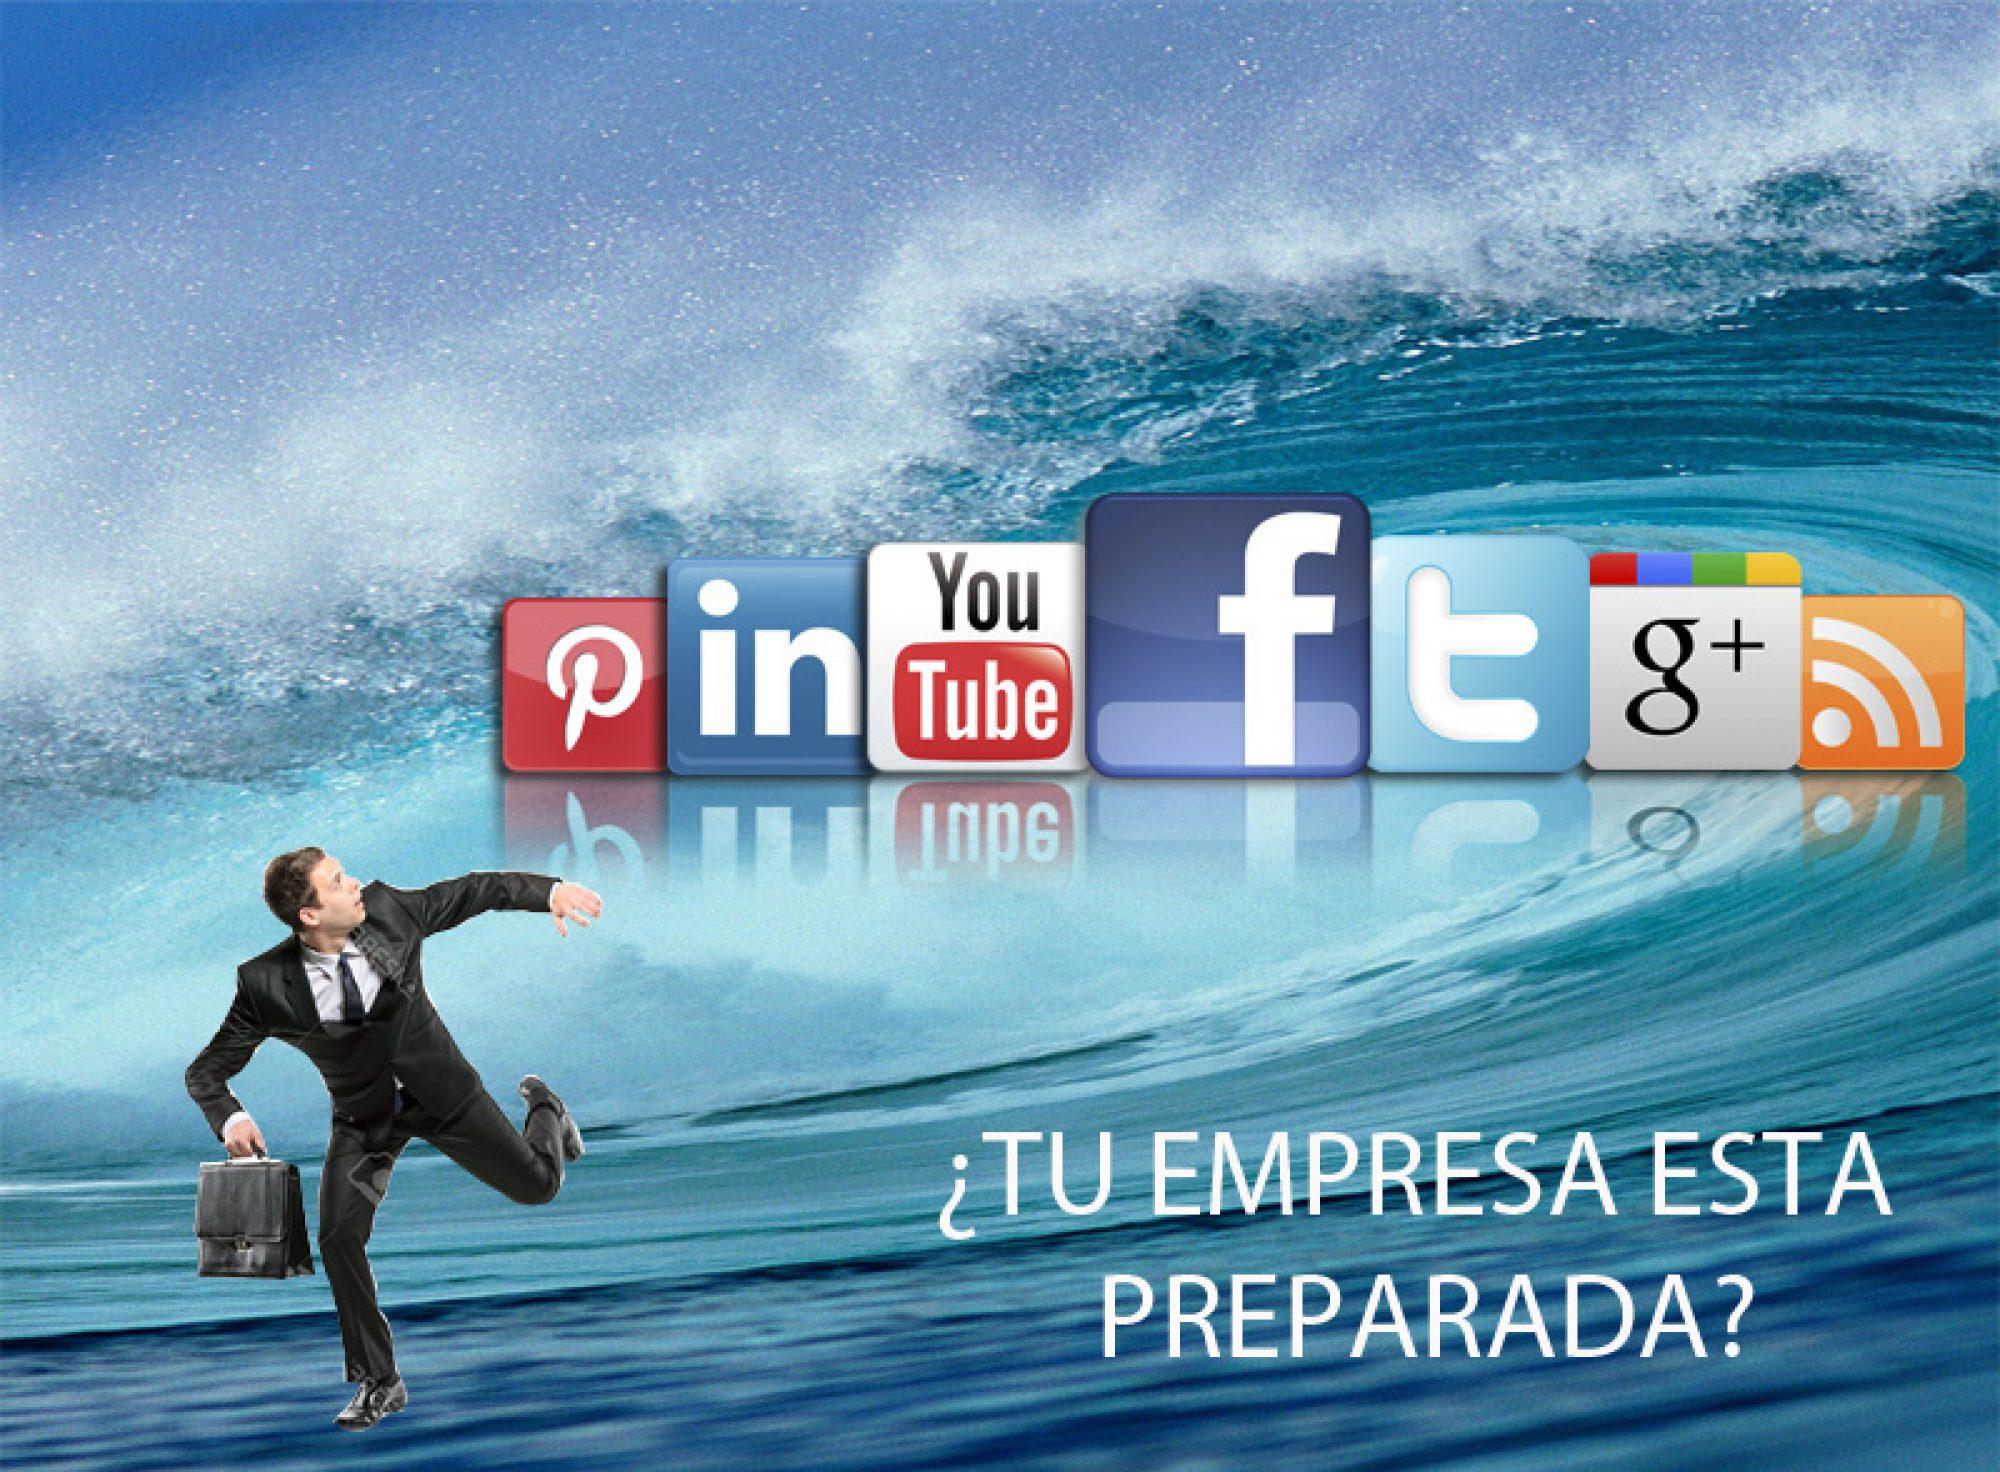 ¿Crees que tu empresa esta prepara para hacer frente al Tsunami Digital?